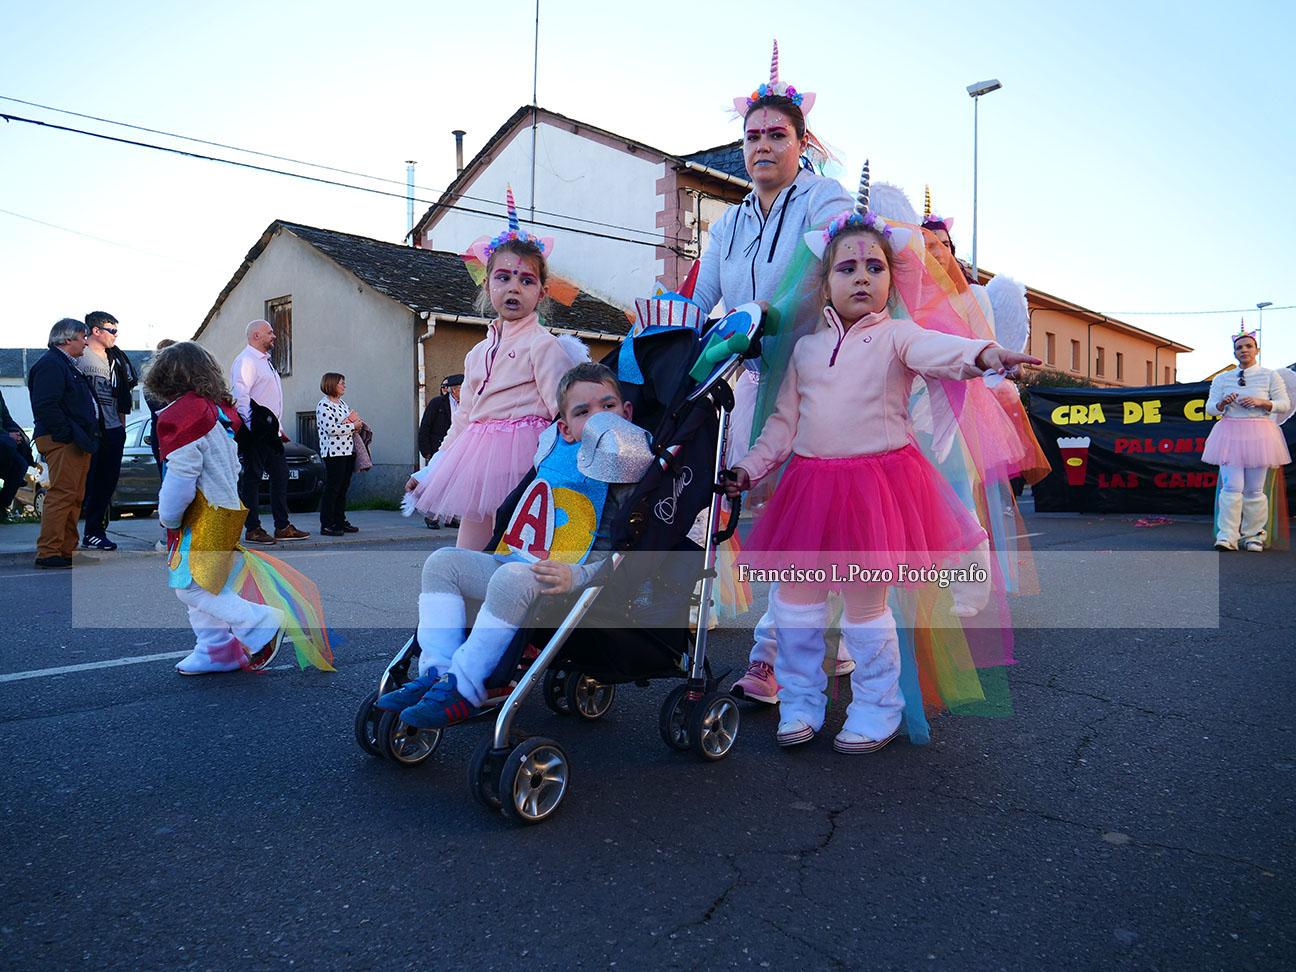 Carnaval 2020: Camponaraya sale a la calle a ritmo de comparsa 67